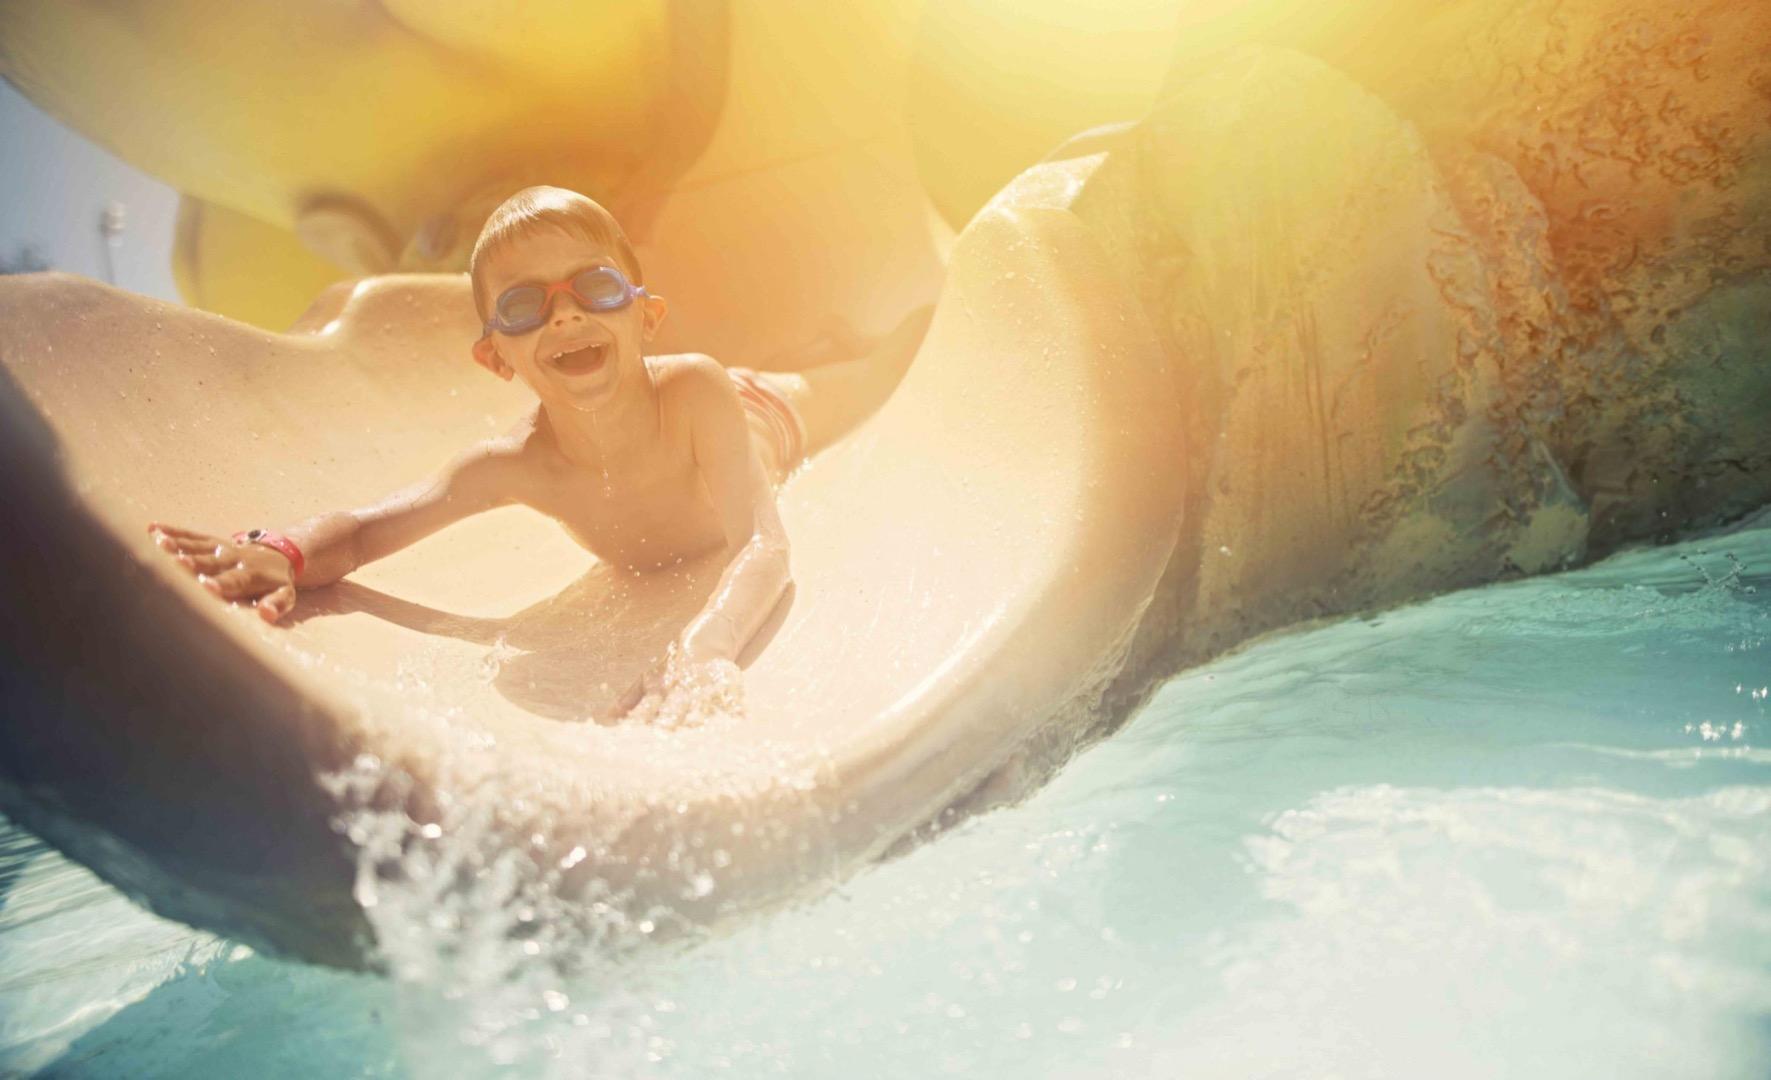 FlowRider® surfing simulator image